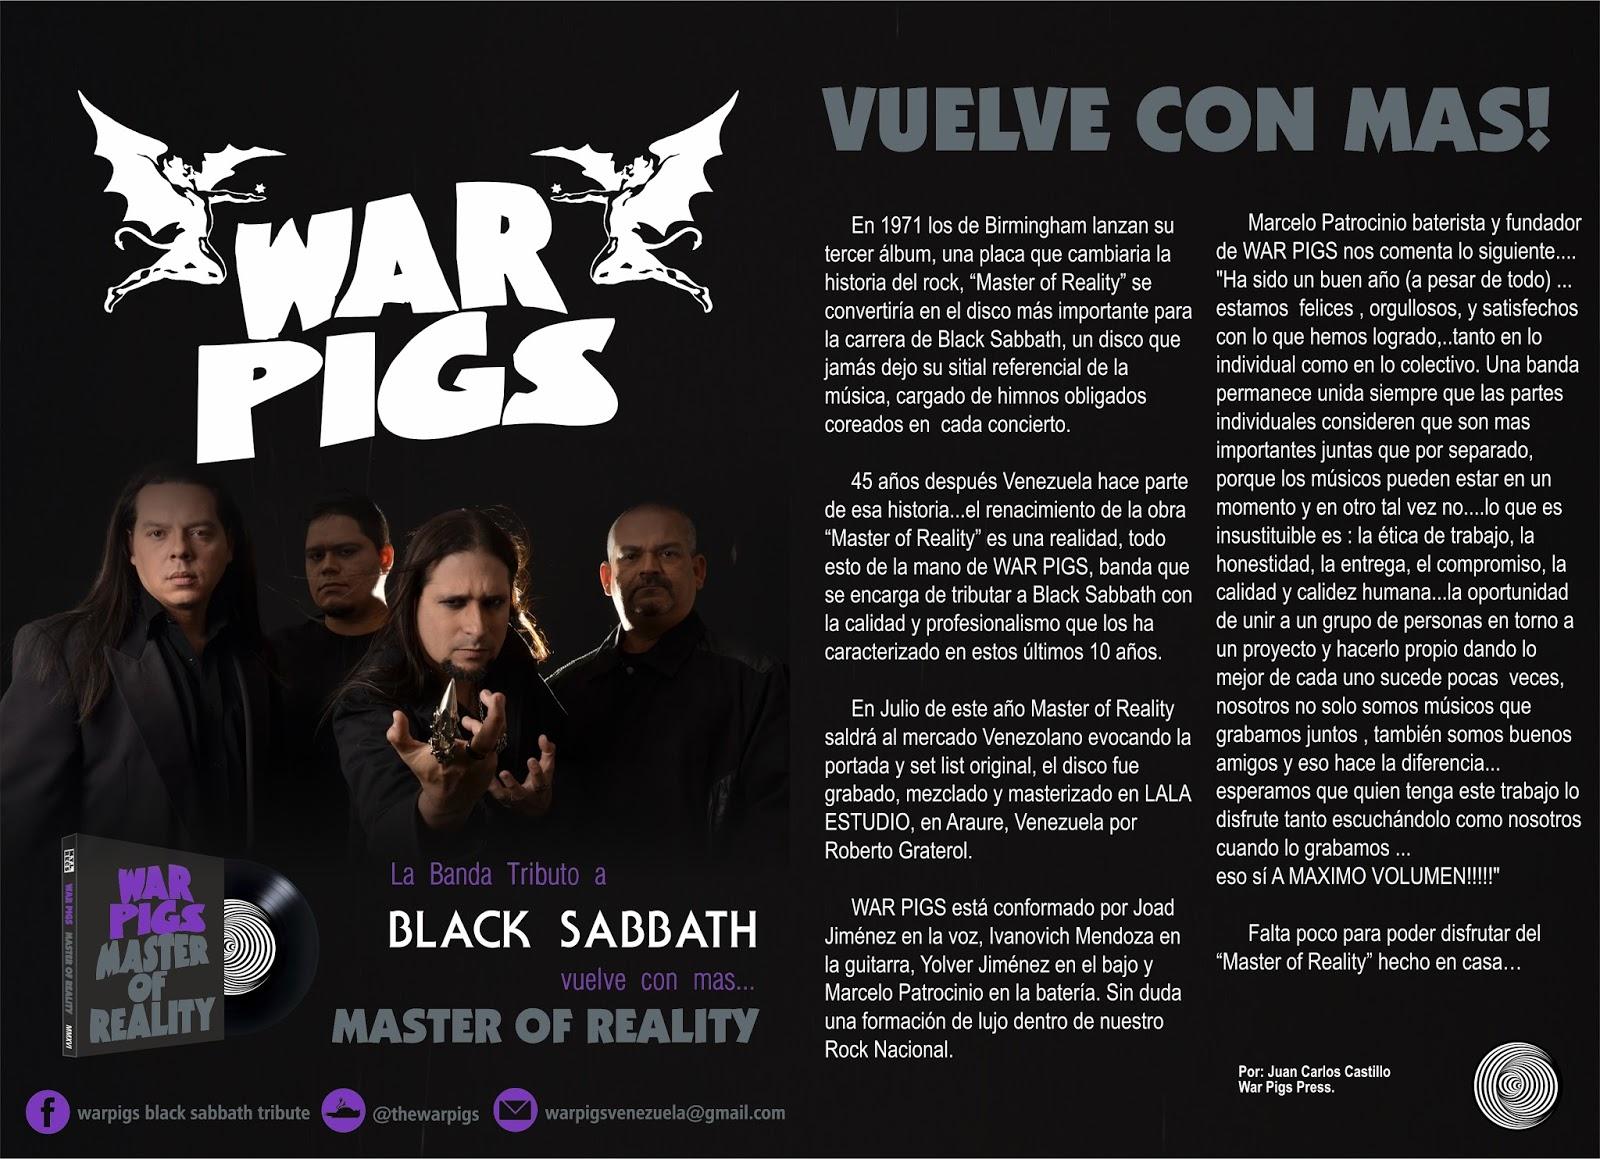 War Pigs vuelve con Más